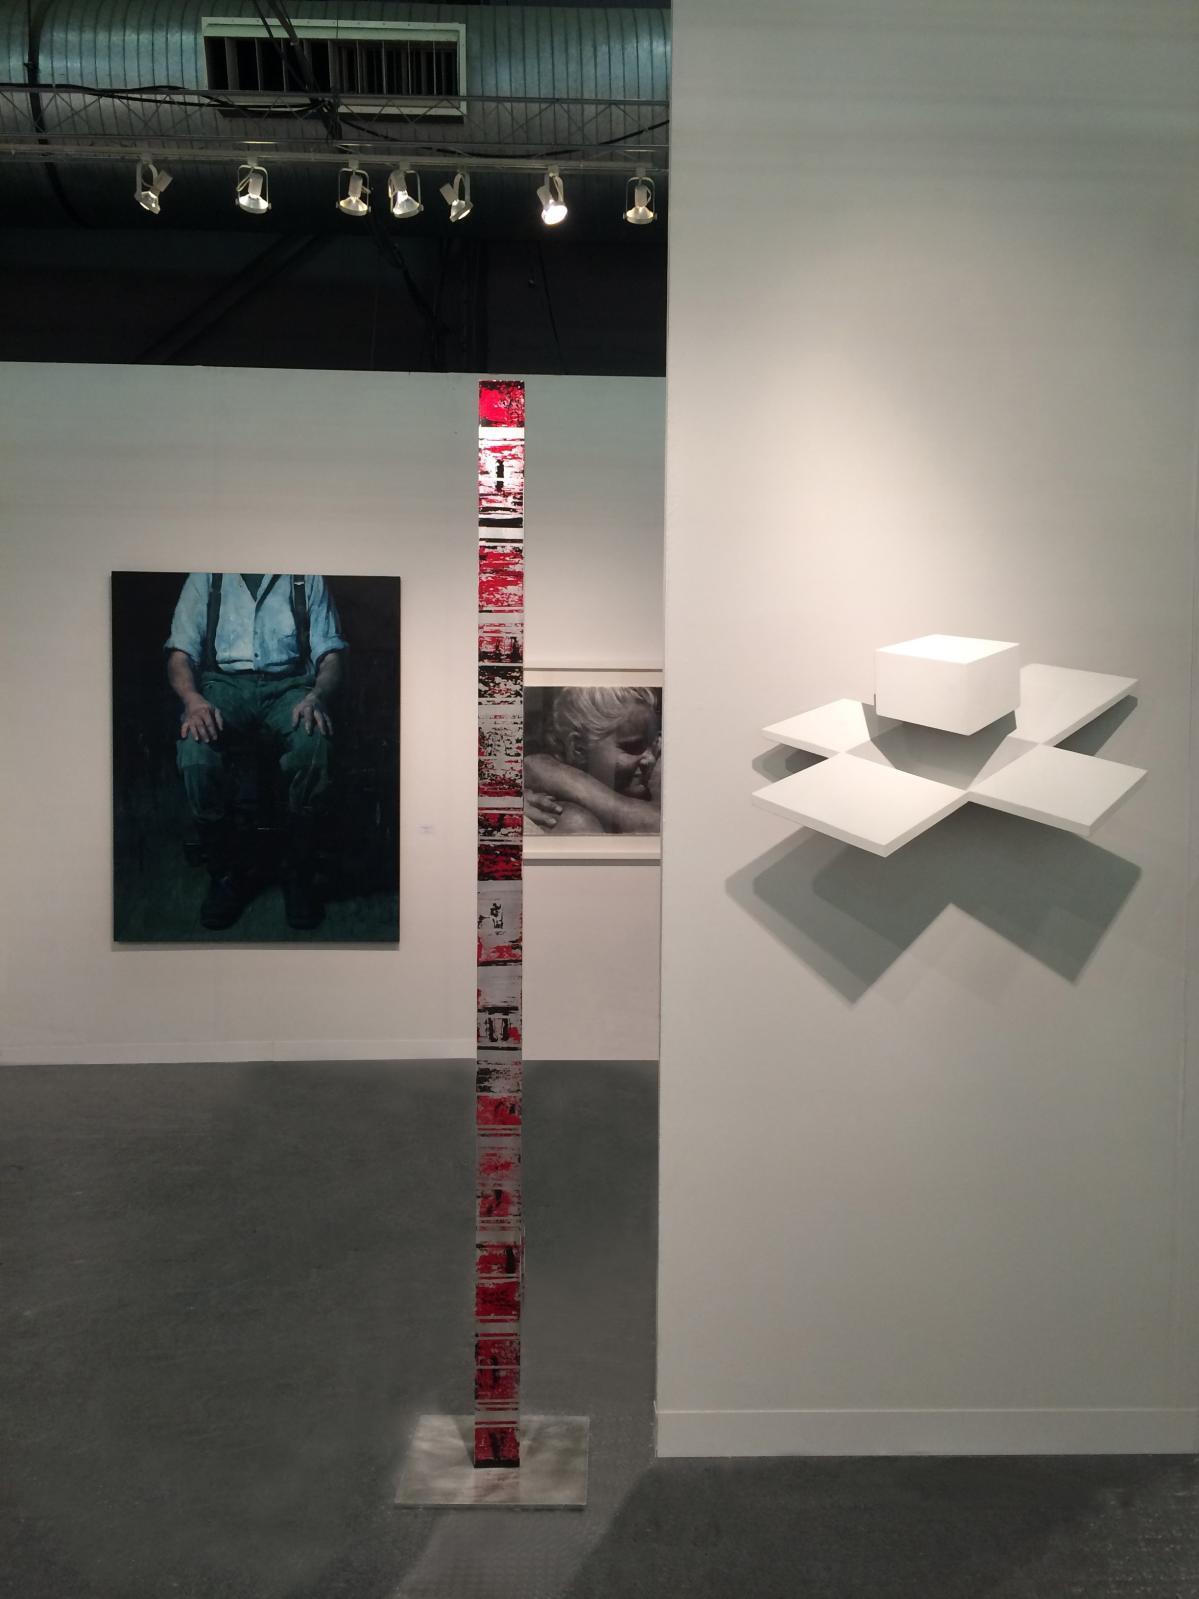 Vue du stand de la galerie Waltman Ortega Fine Art lors de la foire Art New York en 2017, avec François Bard, Jorge Enrique, Stevens Dossou-Yovo.